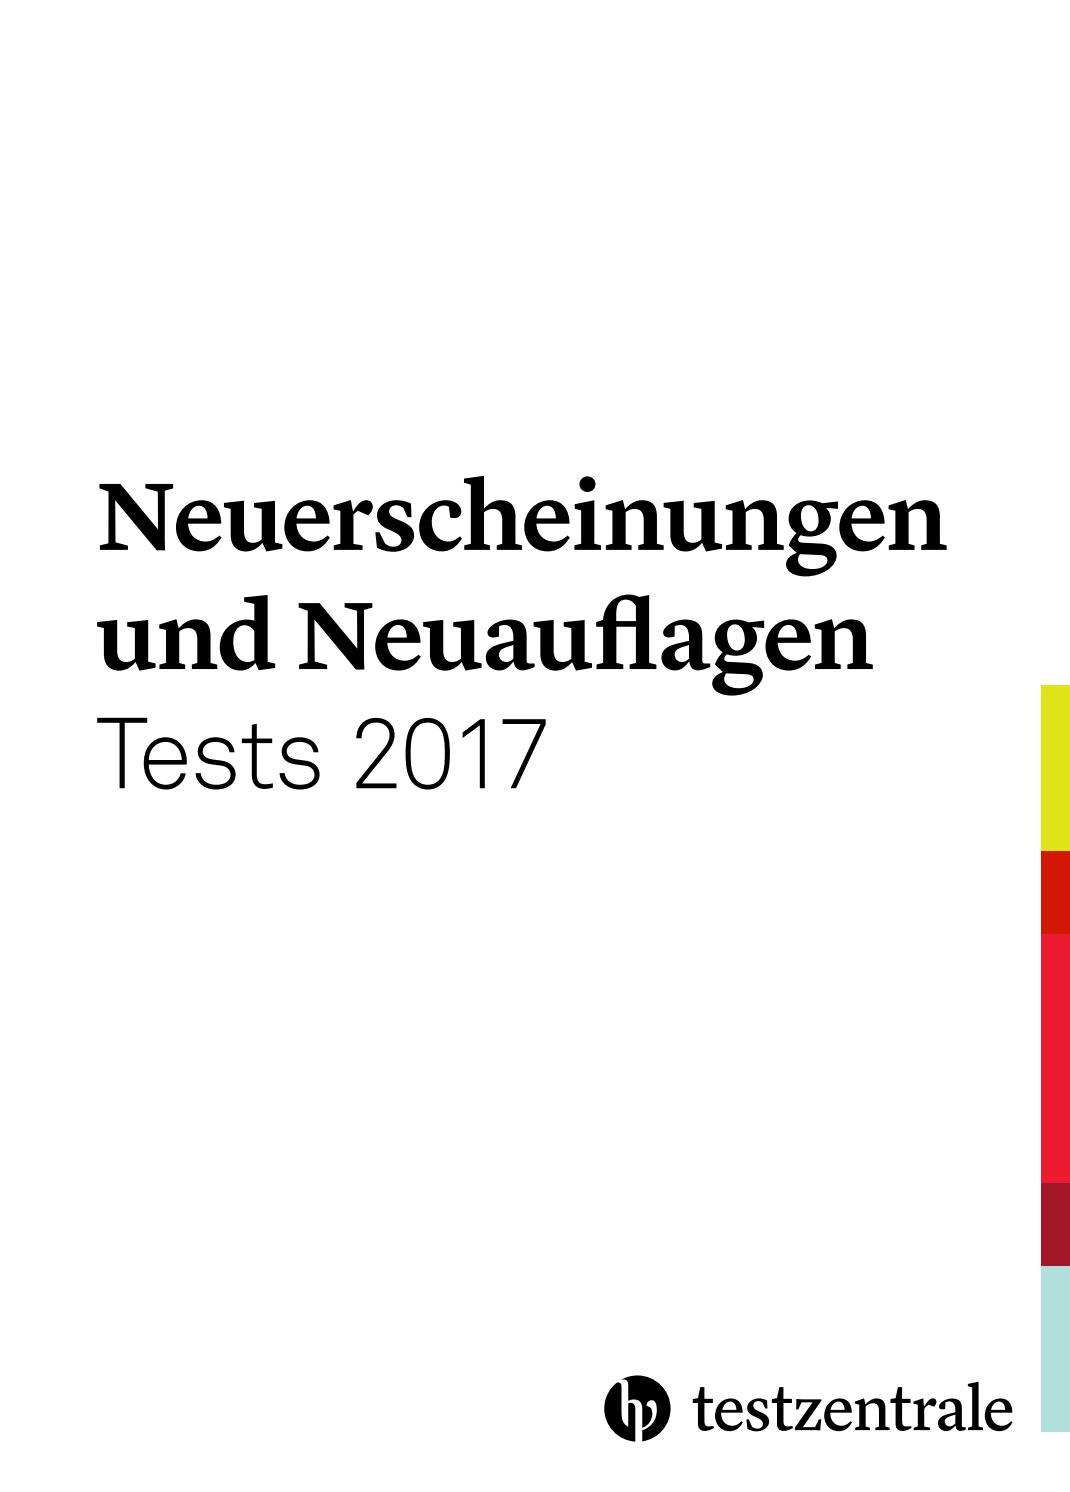 Neuerscheinungen und Neuauflagen Tests 2017 by Hogrefe - issuu